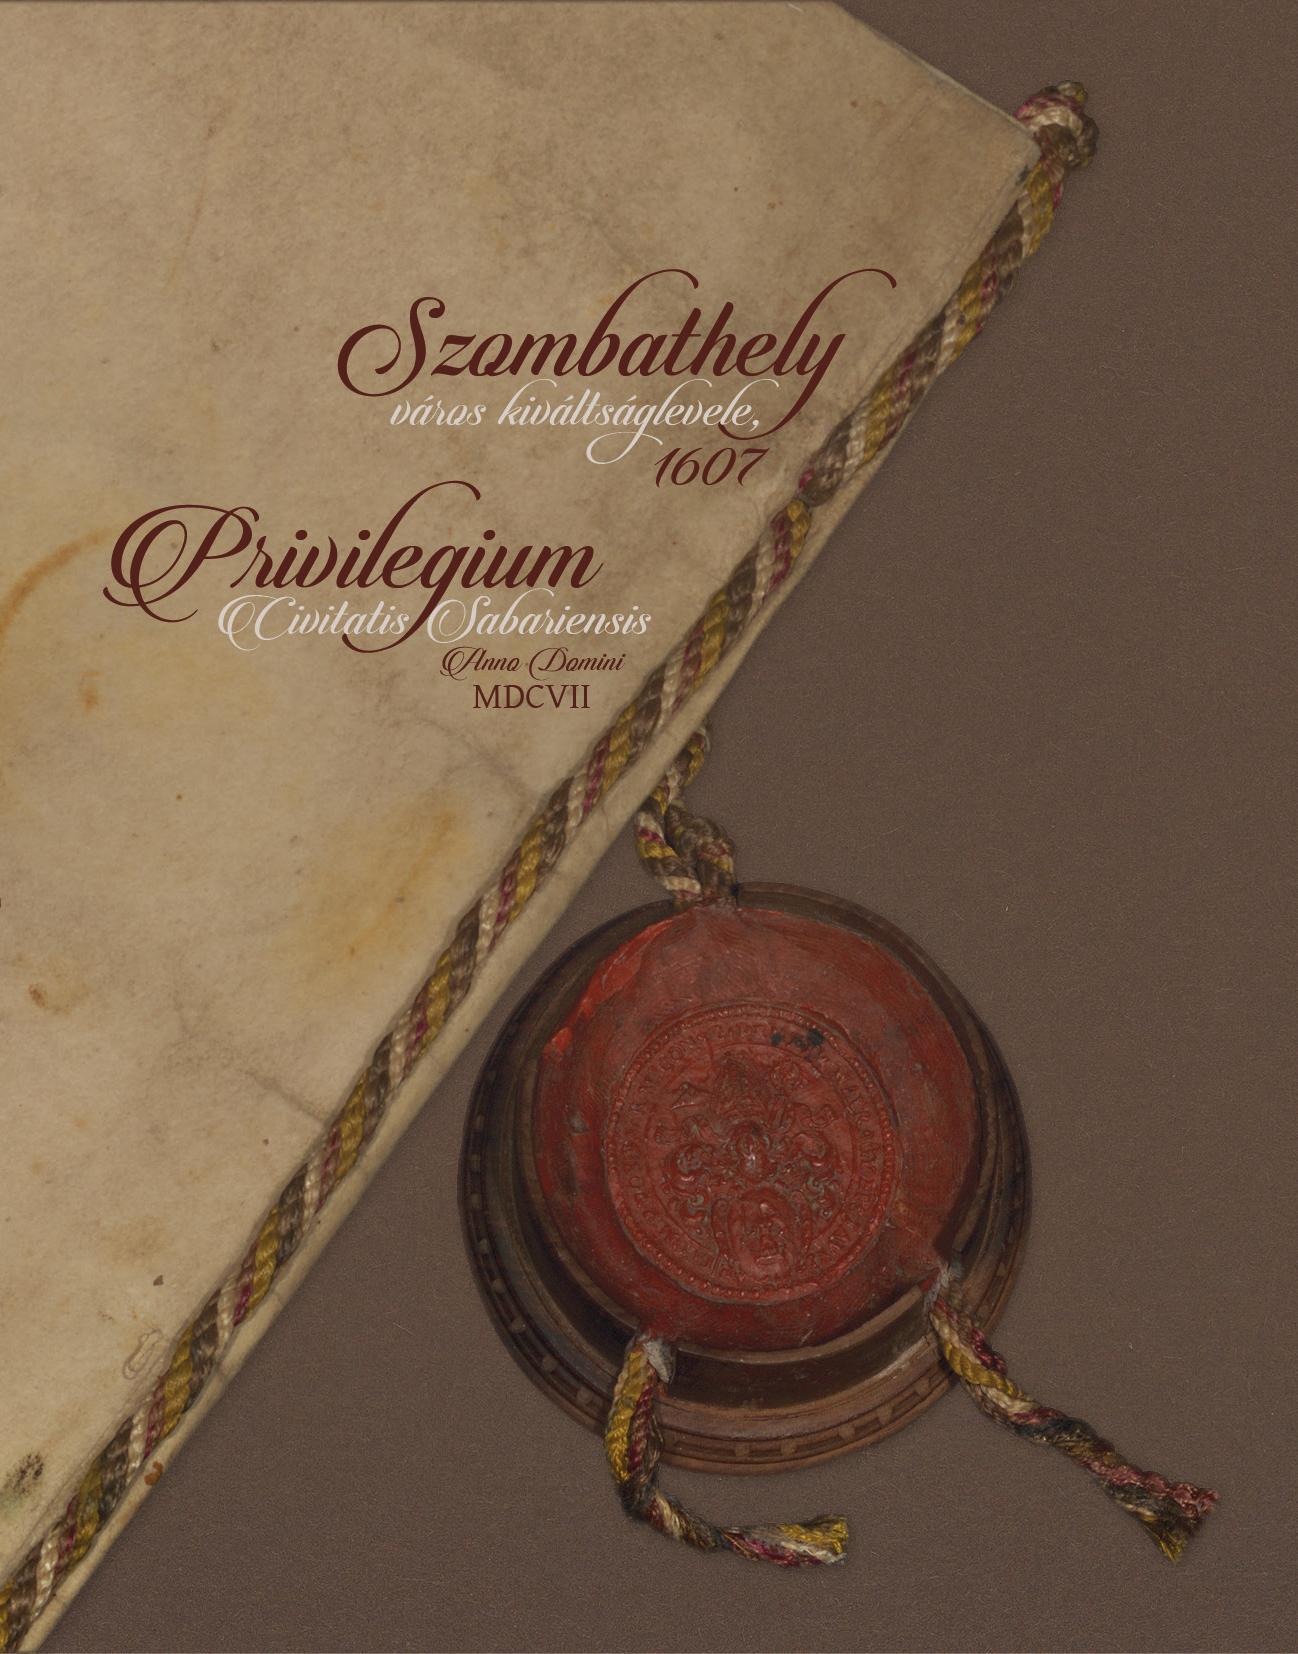 SZOMBATHELY VÁROS KIVÁLTSÁGLEVELE 1607